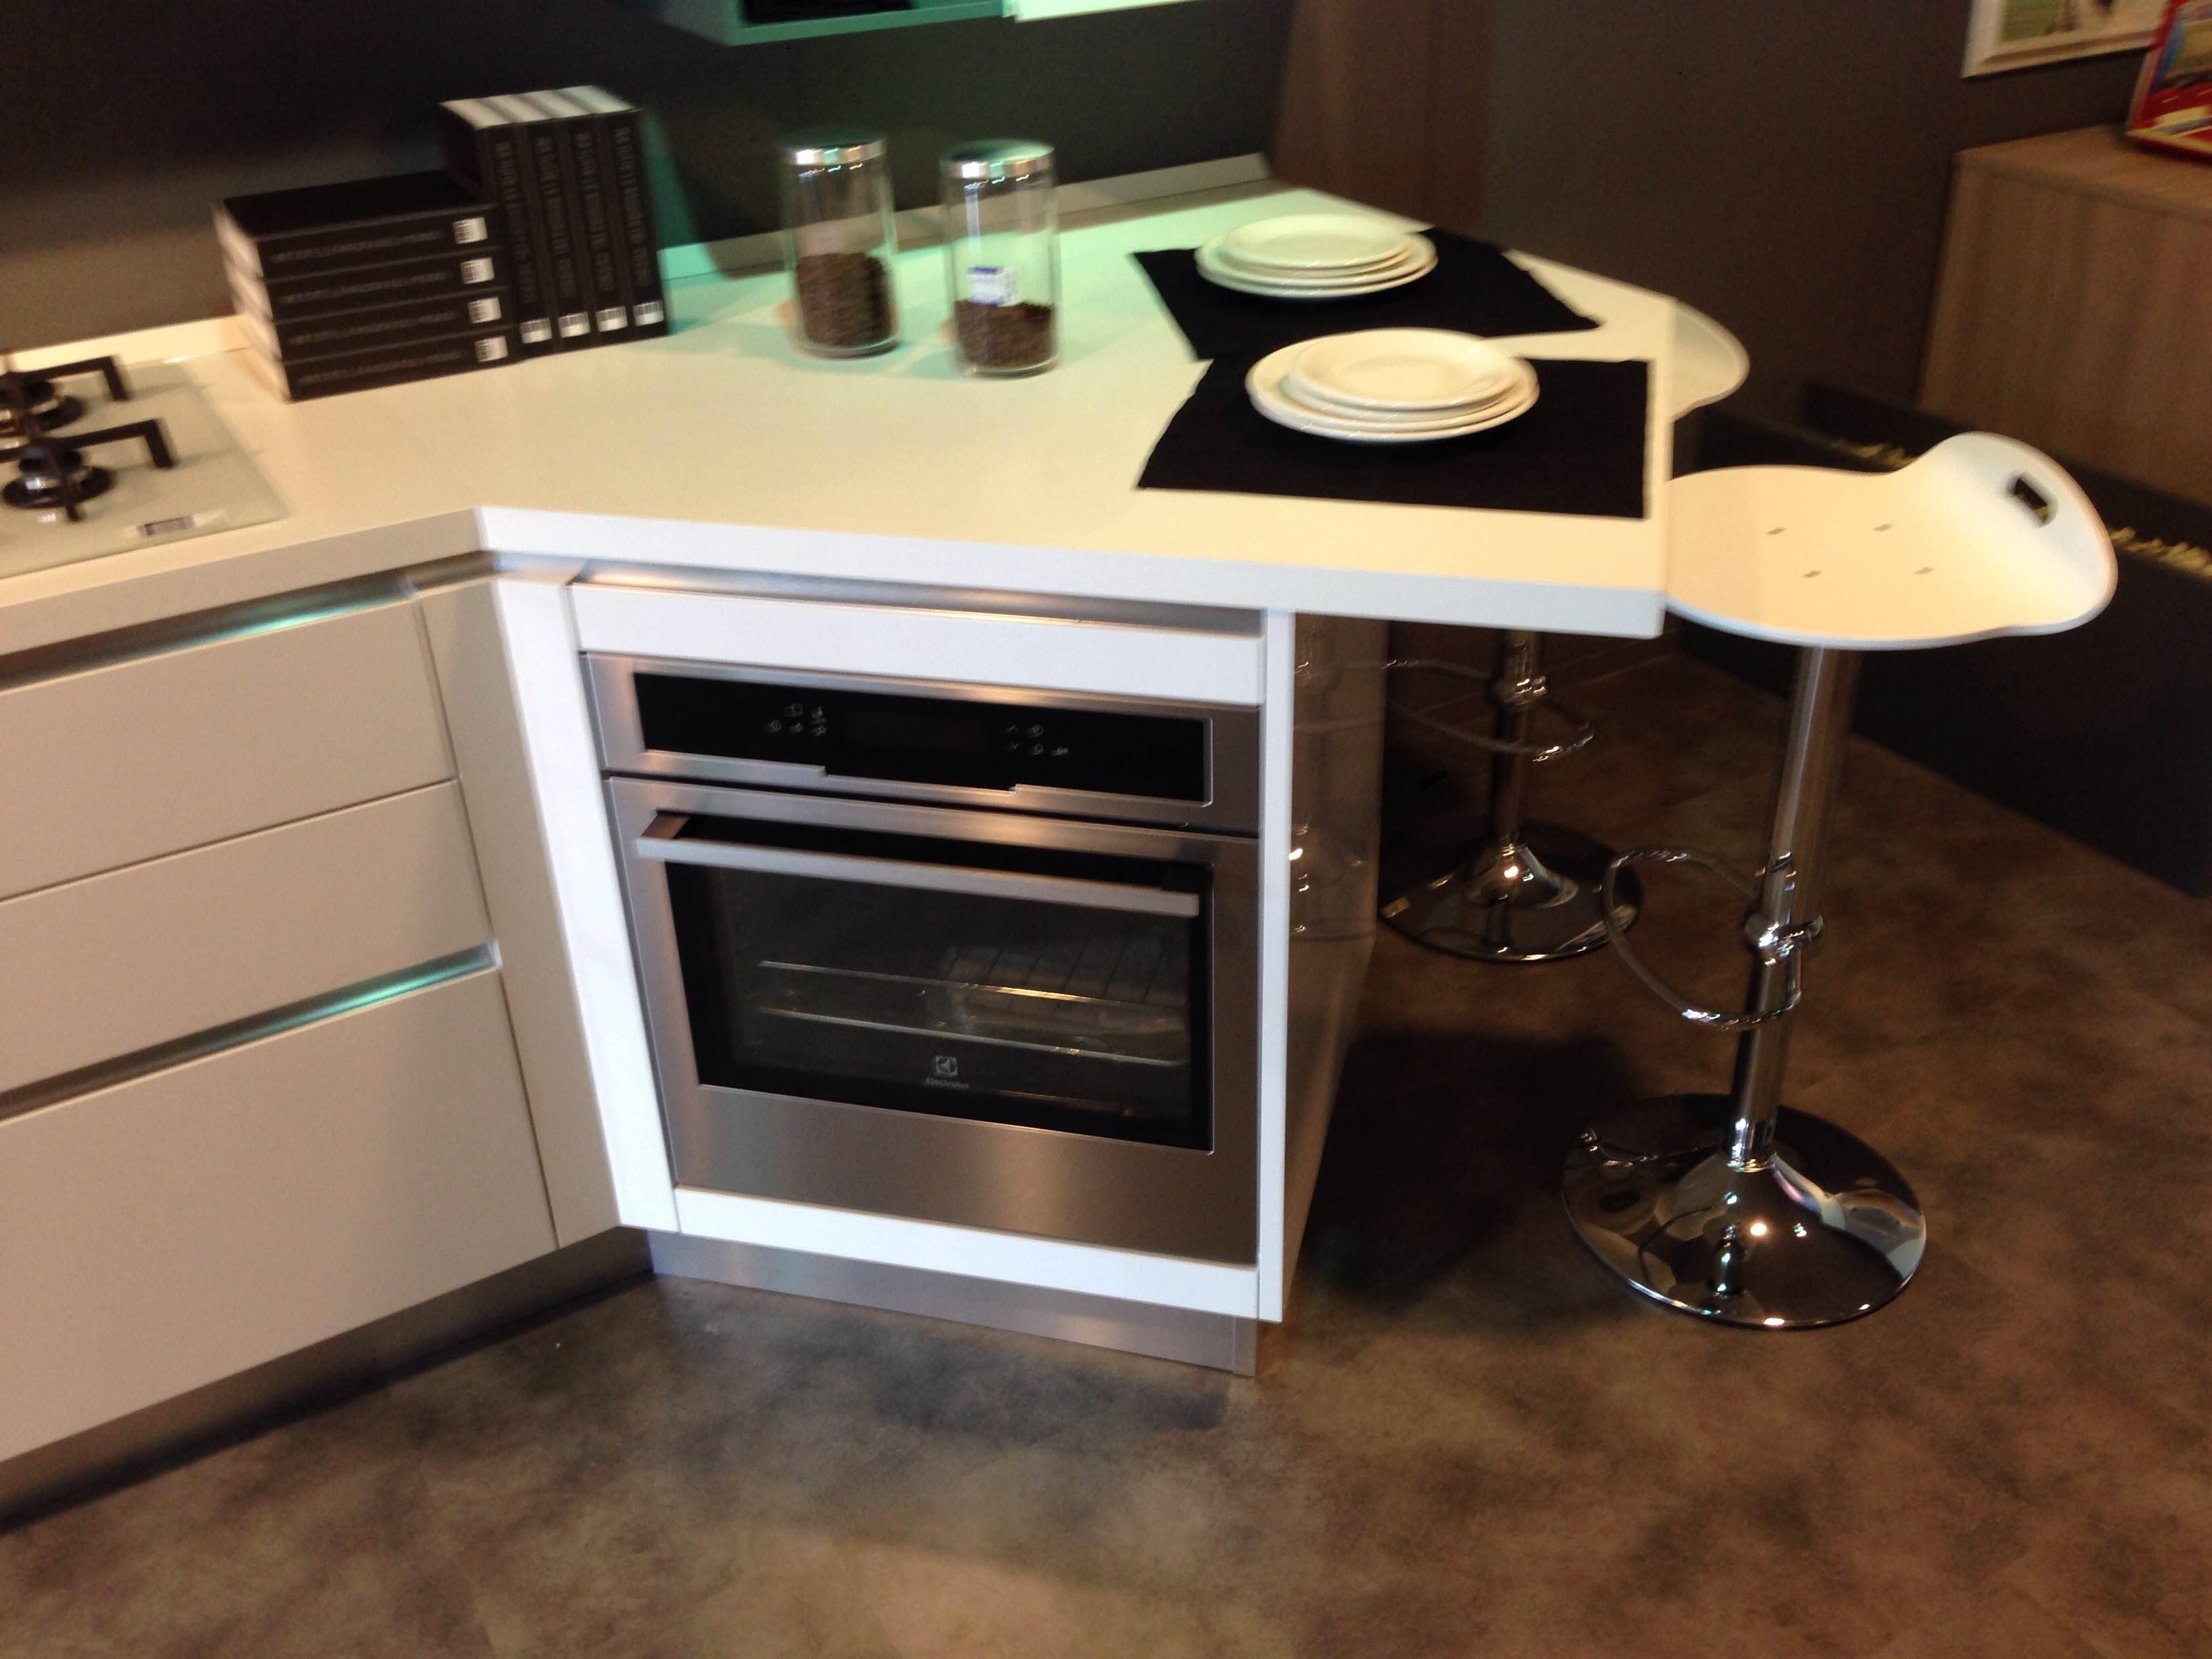 Cucina Lube Cucine Immagina lux acrilico - Cucine a prezzi scontati